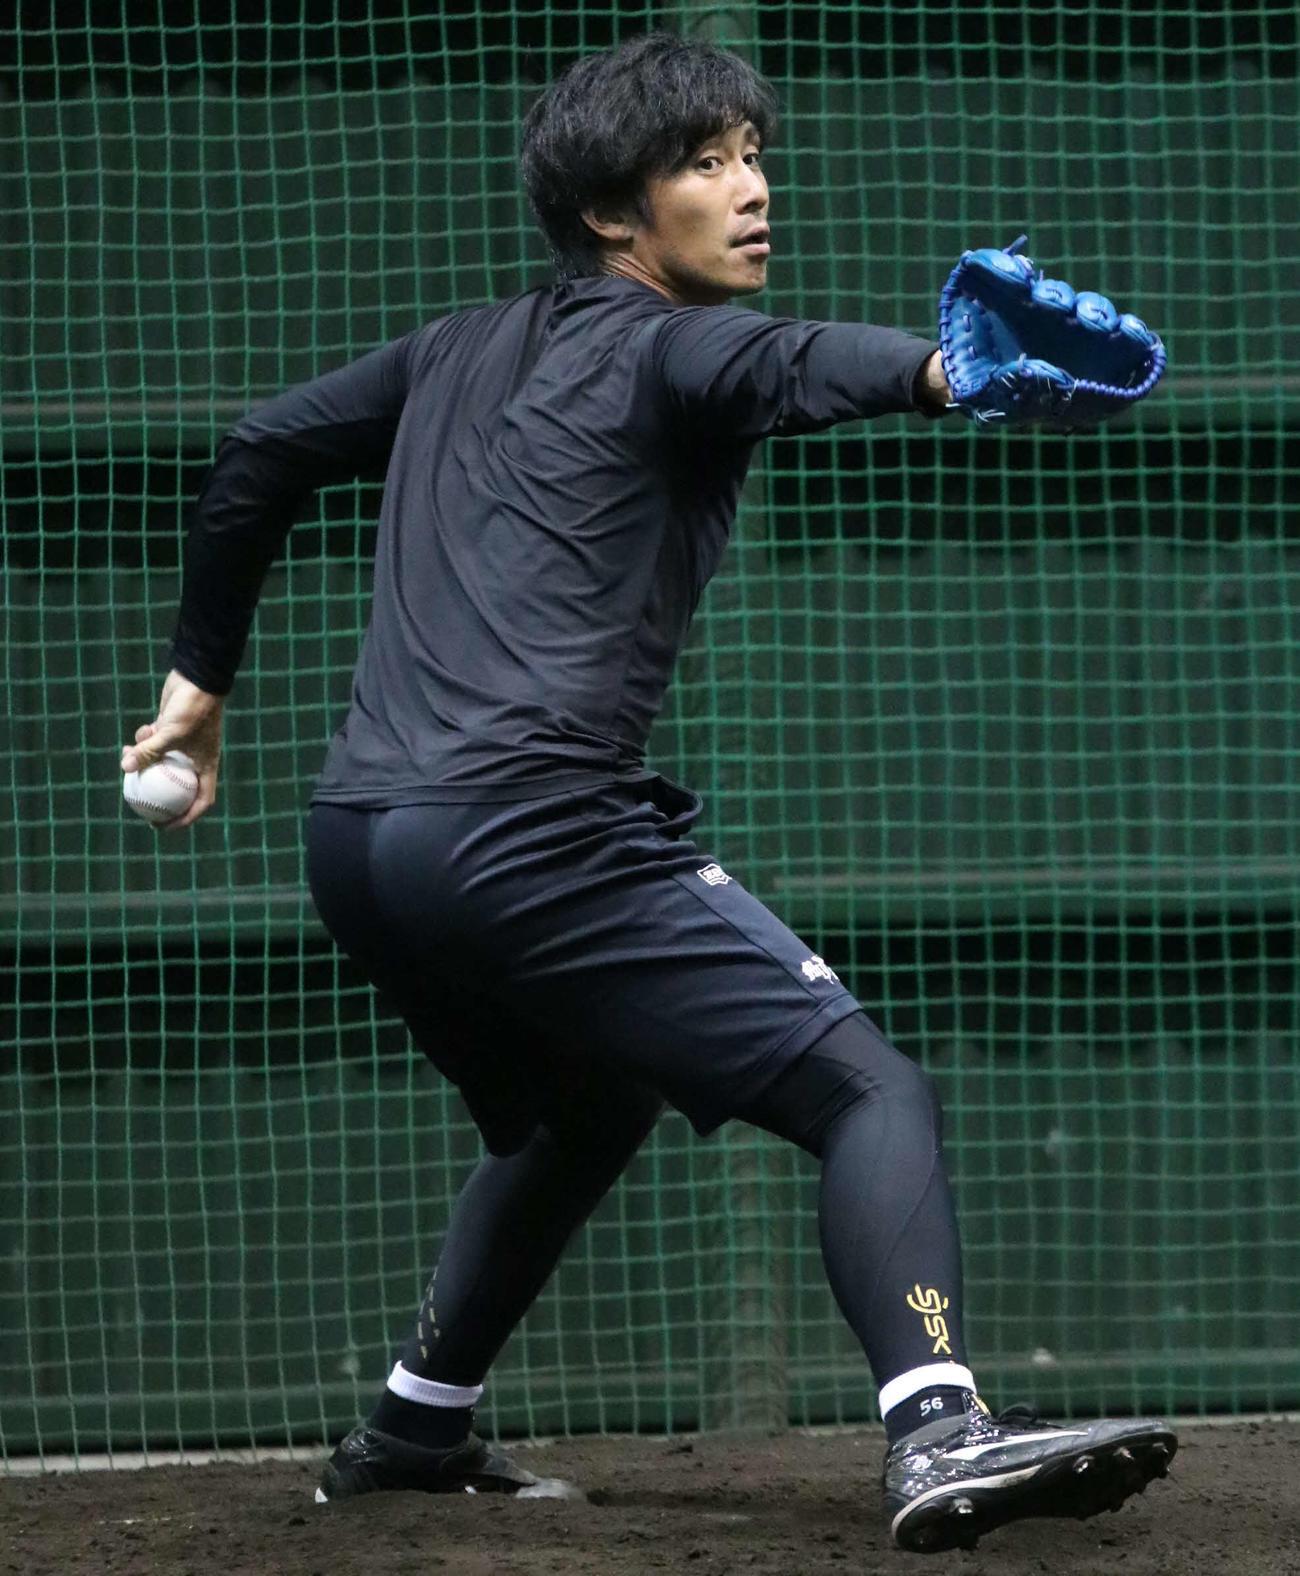 ブルペンで投球練習をする日本ハム吉川(撮影・山崎純一)